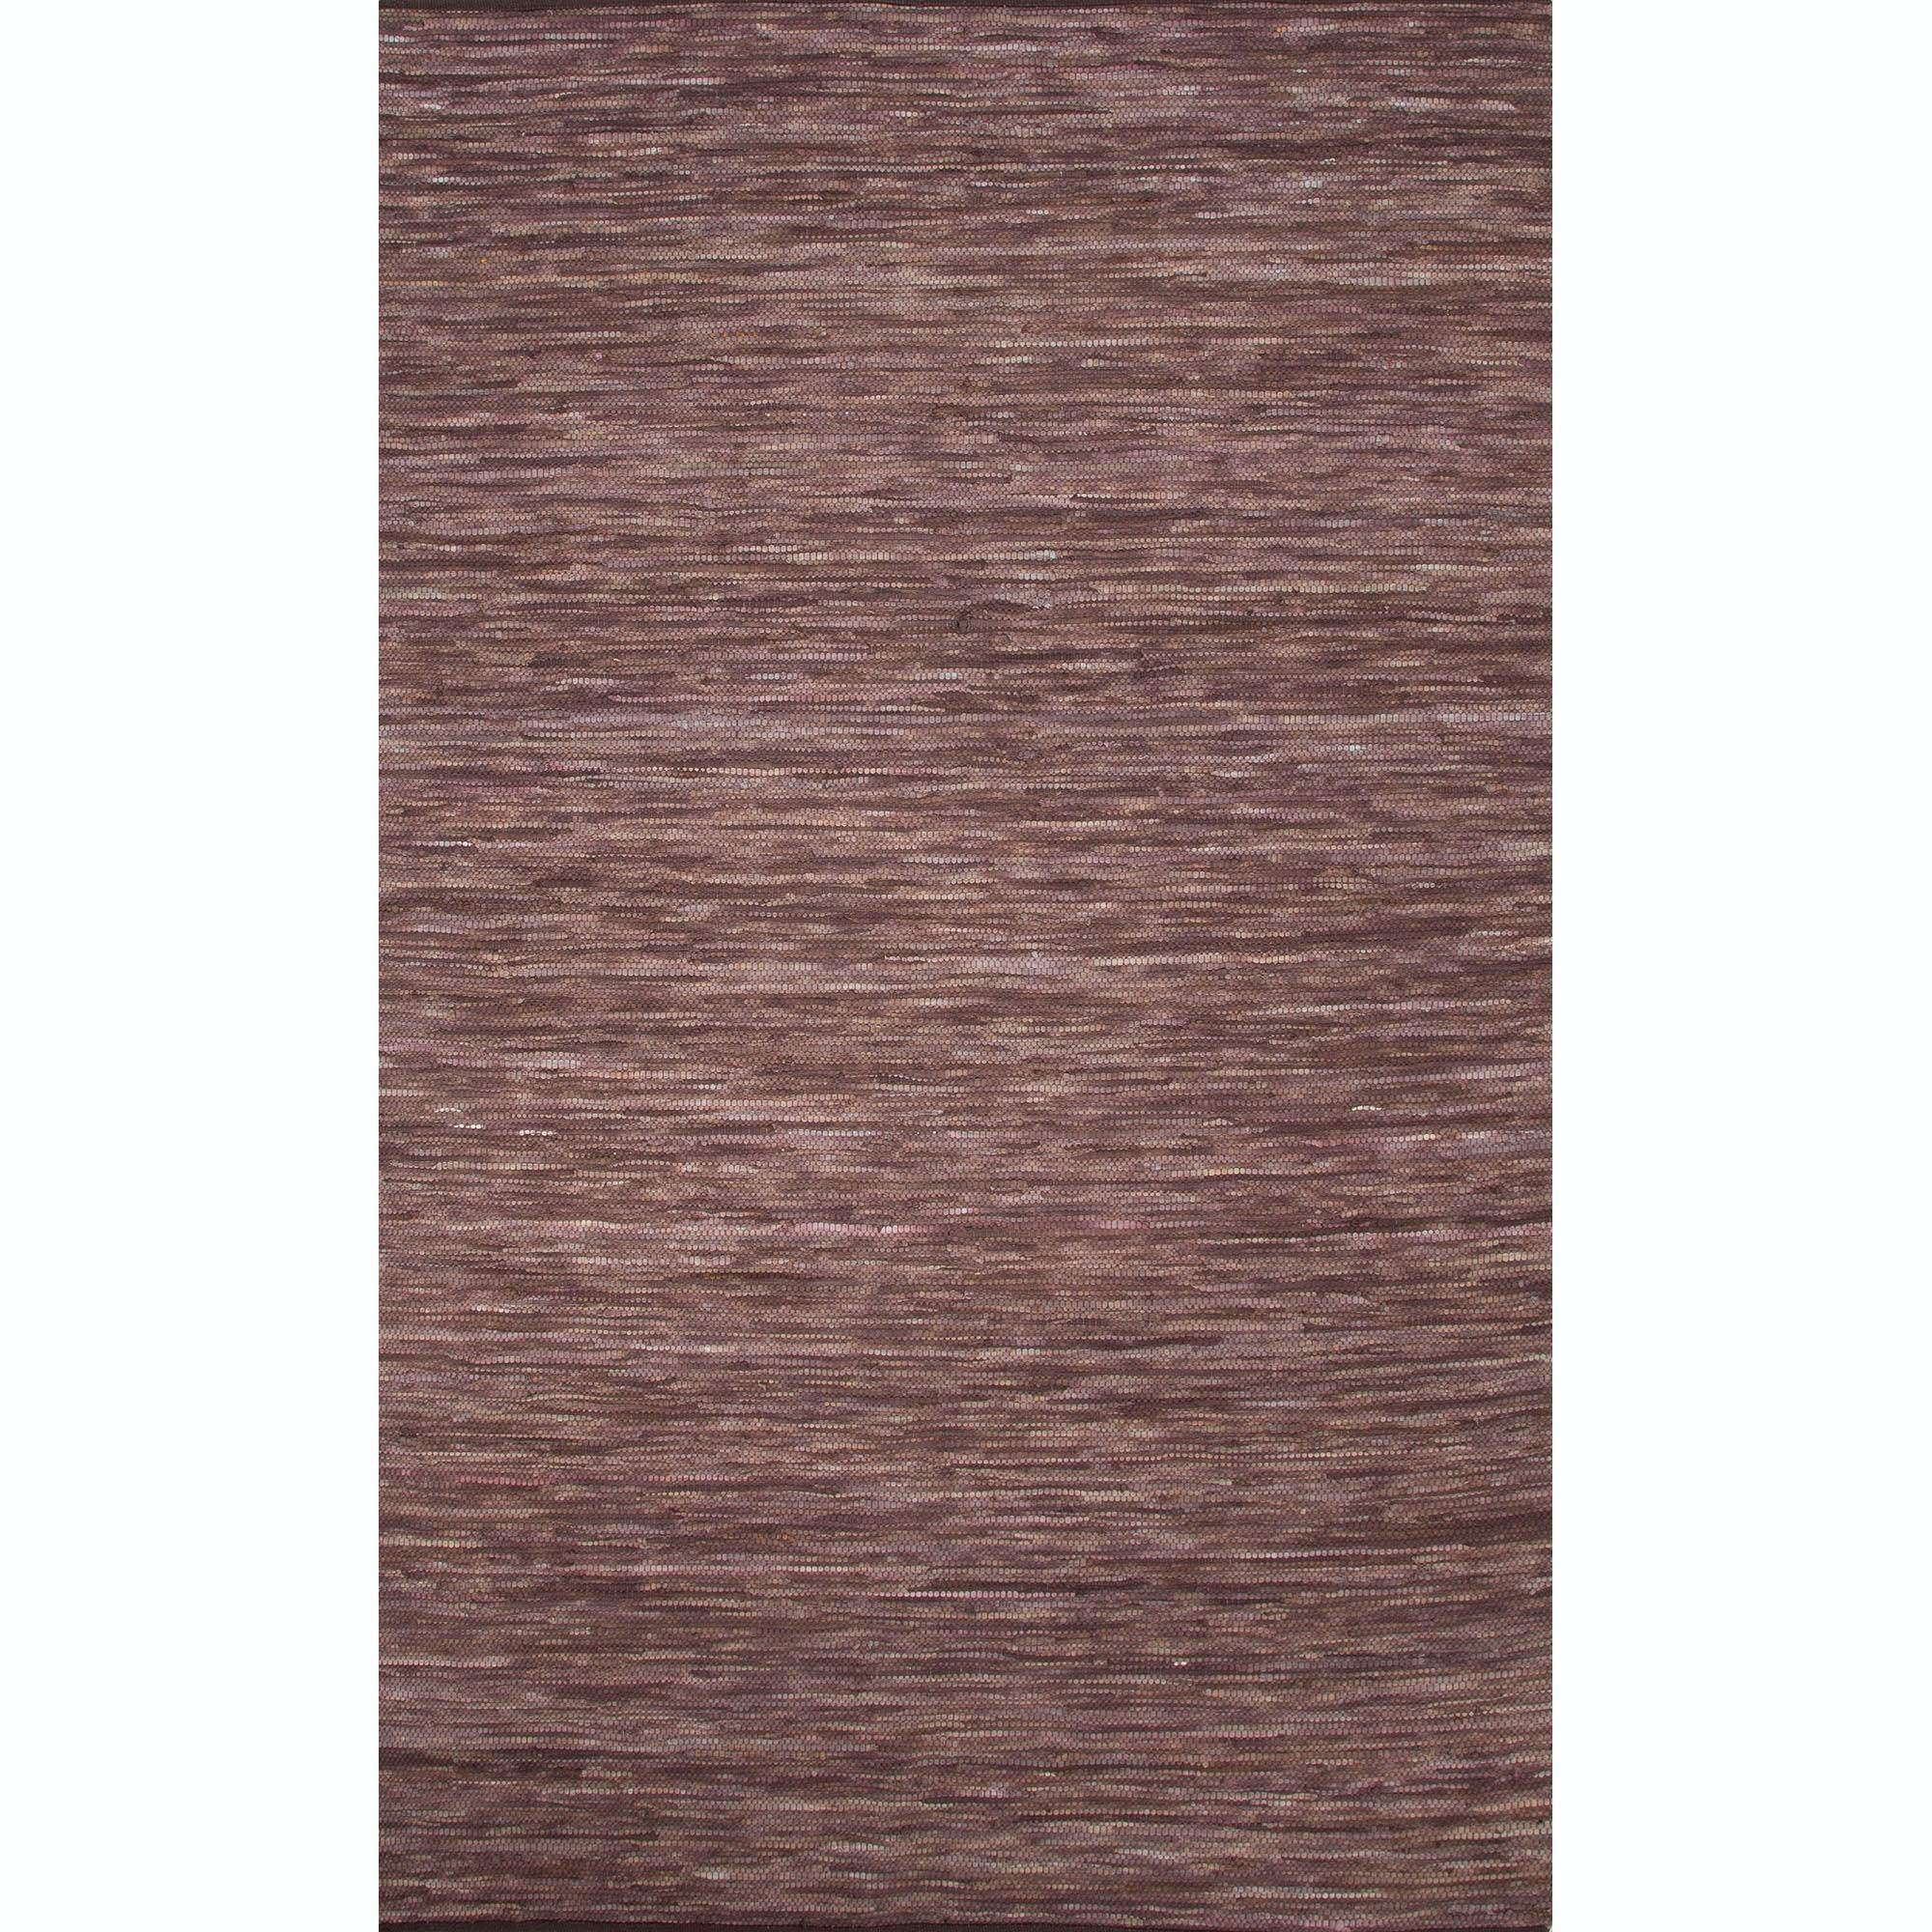 Jaipur Rugs Floor Coverings Jaipur Solids Handloom Solid Pattern